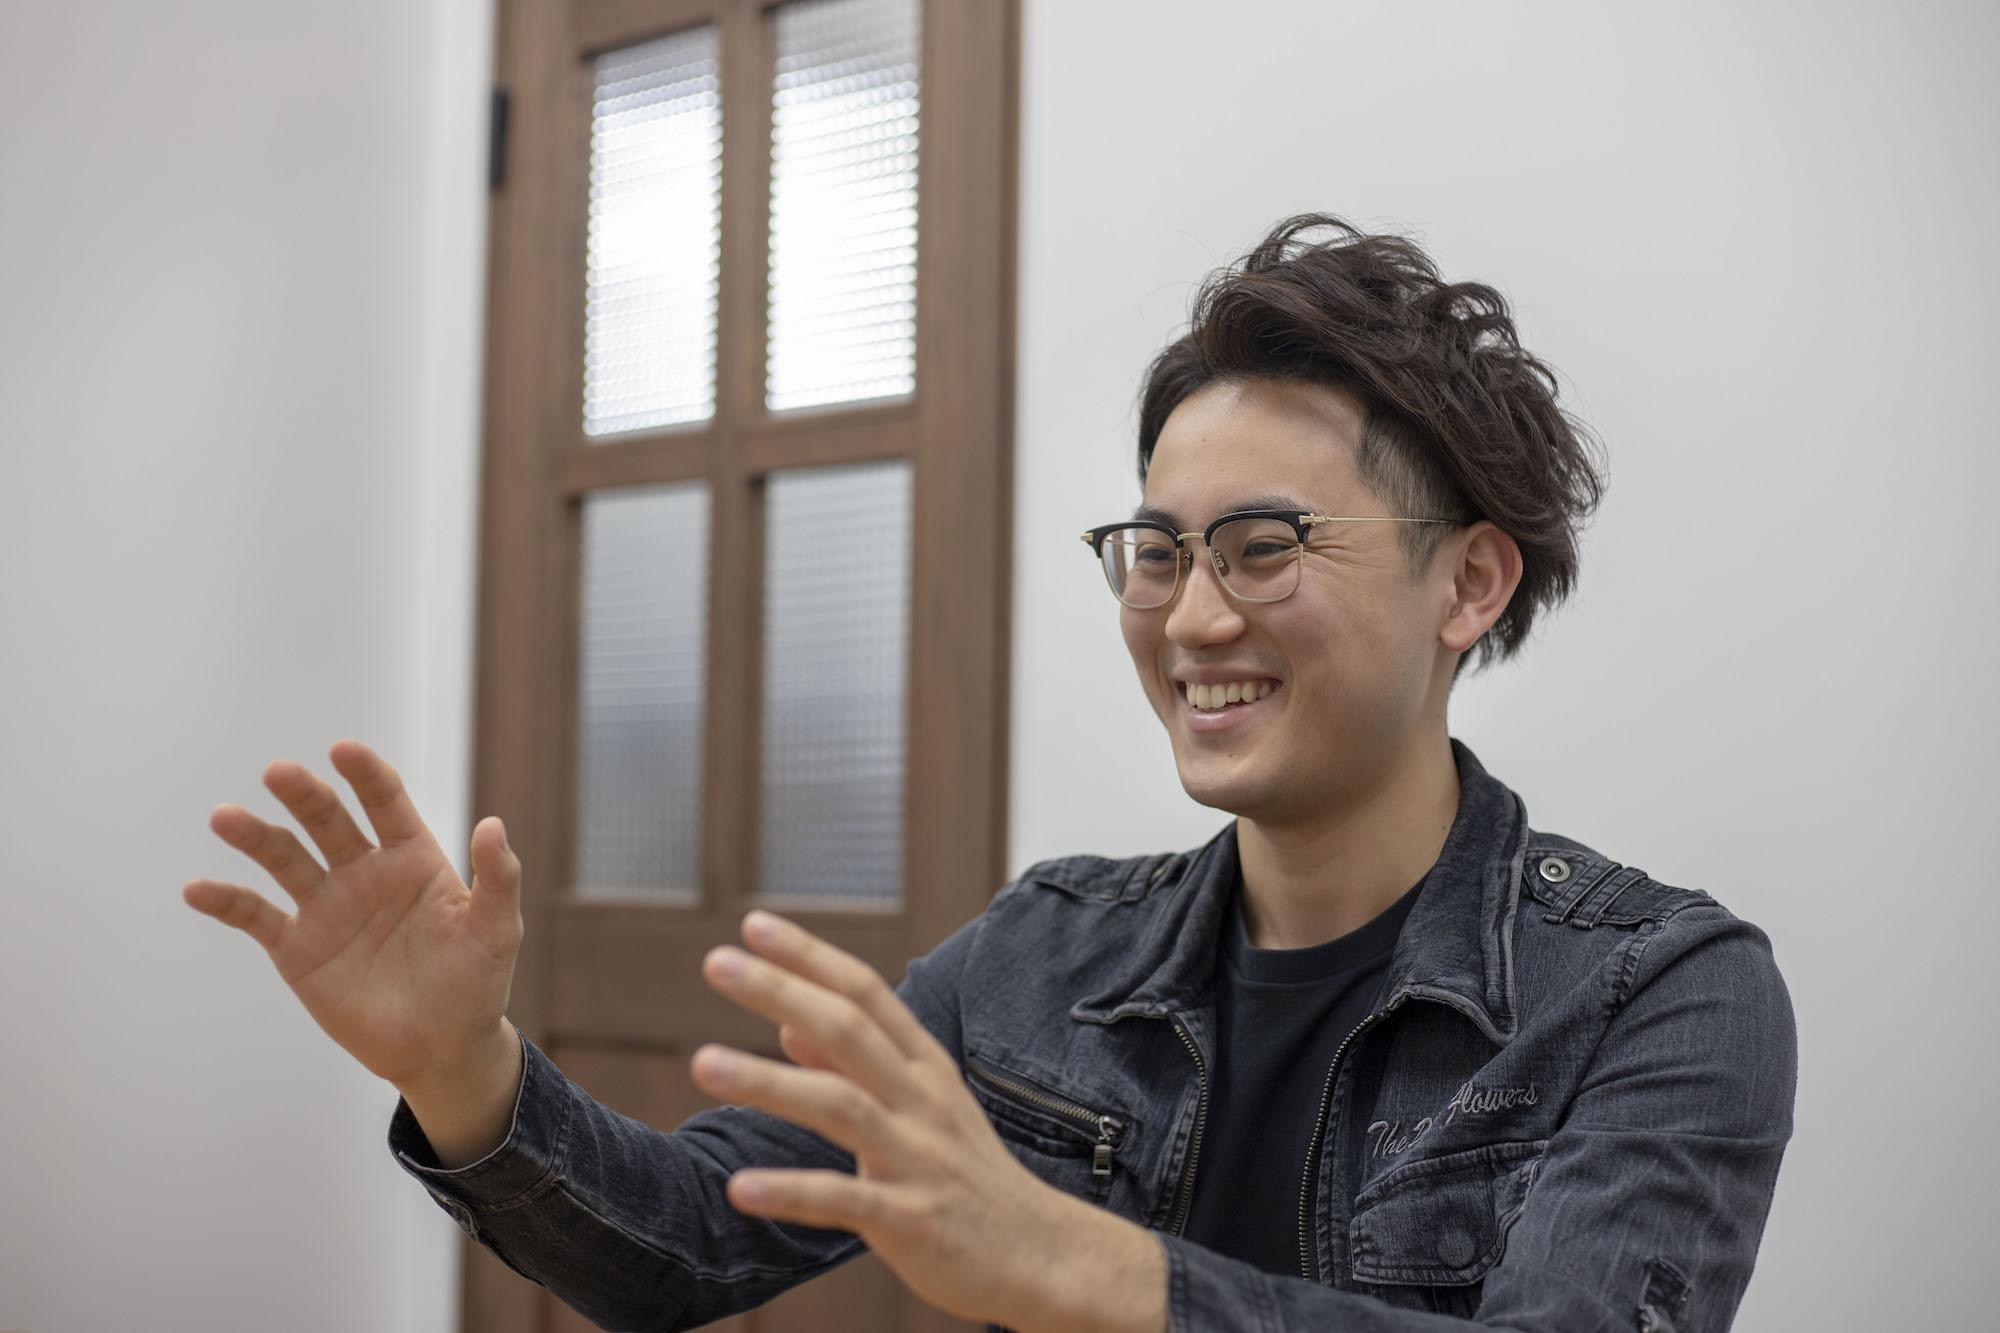 立教大学・三宅亮輔を経営者にした予算1億円プロジェクト「Company CEO for Student」とは?